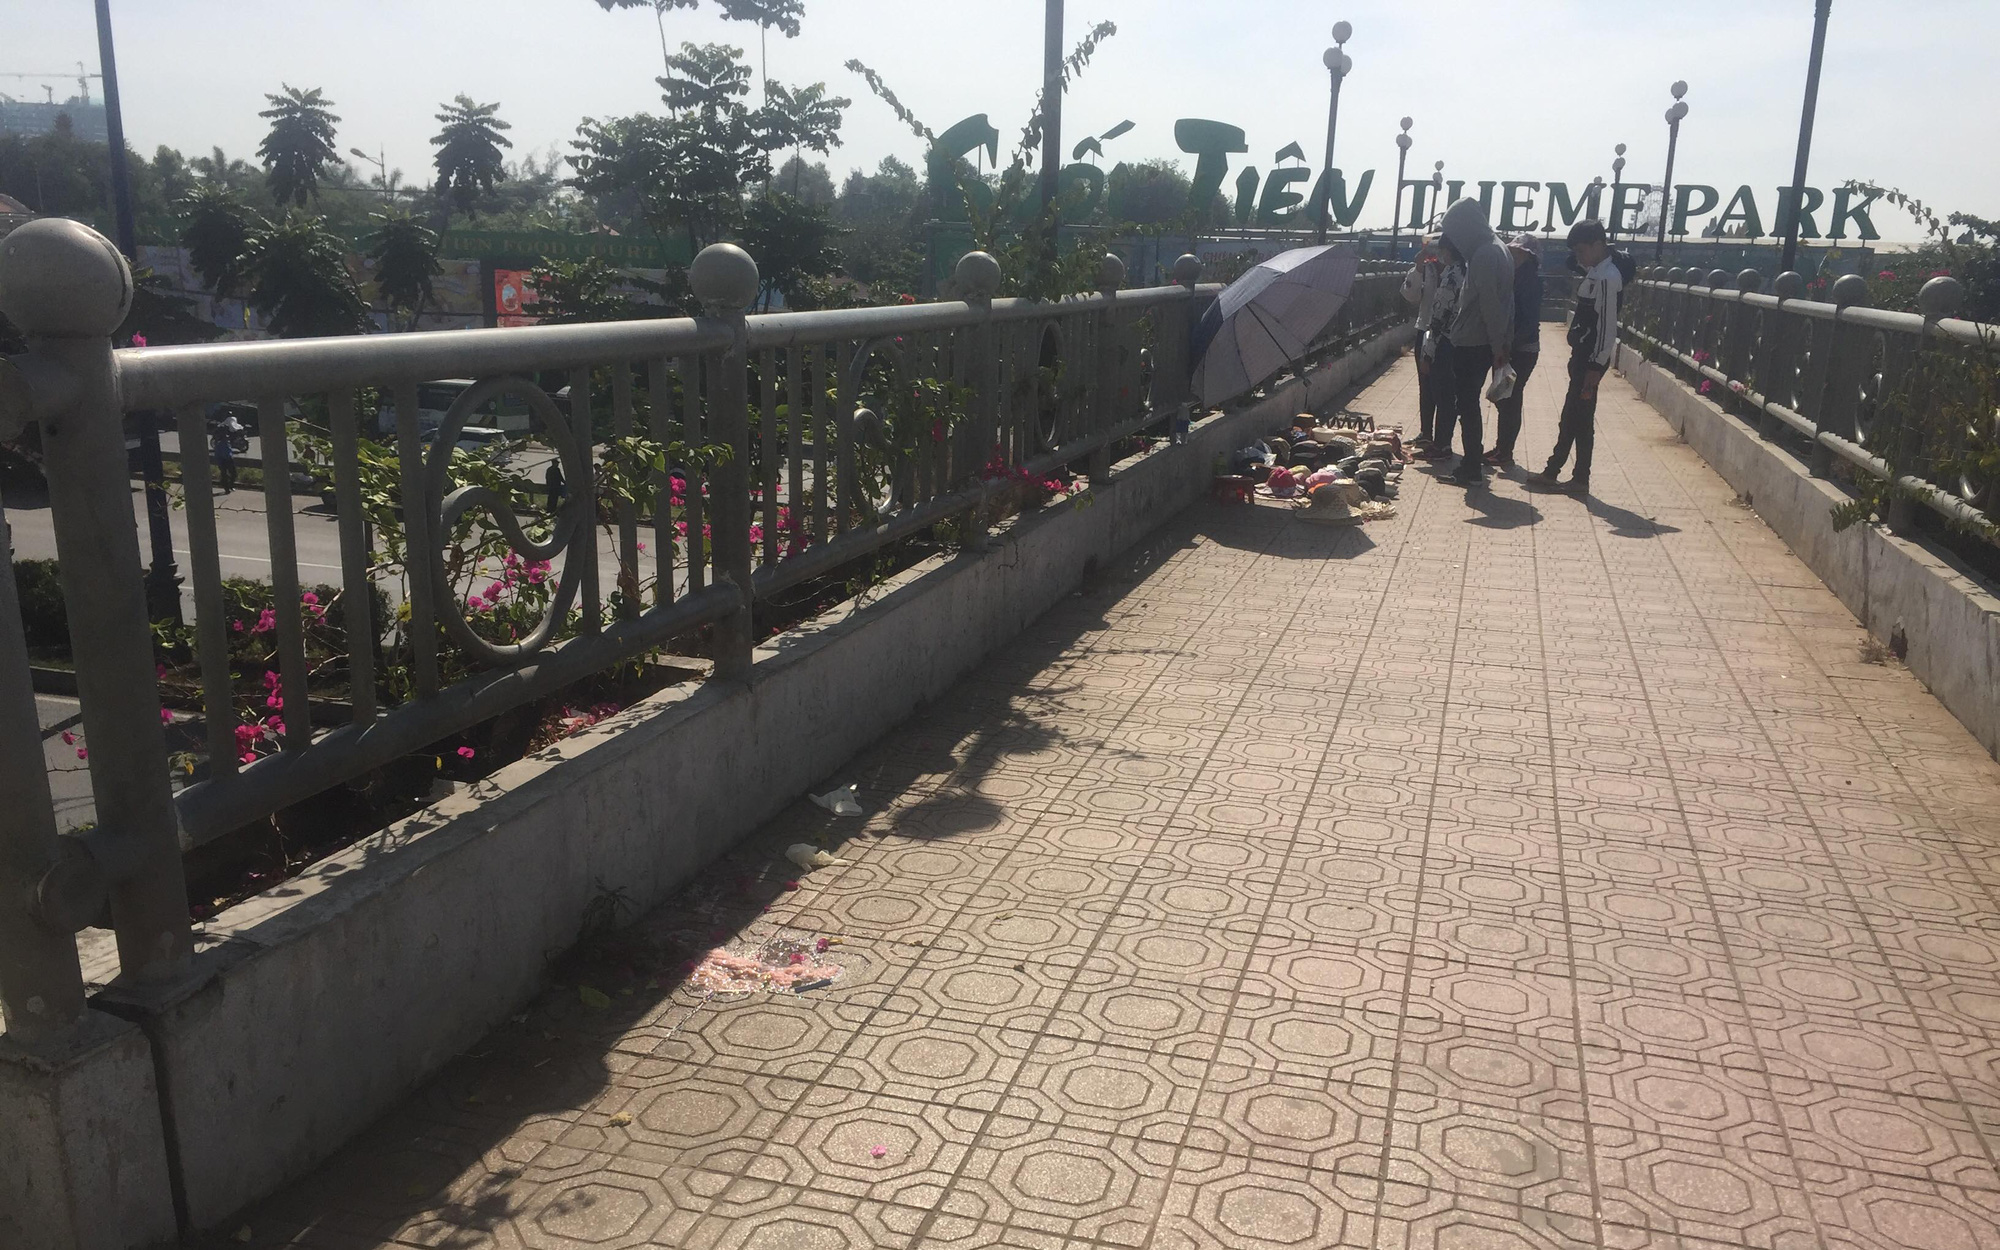 Nữ sinh viên Học viện Thanh thiếu niên Miền Nam tử vong bất thường trên cầu bộ hành Suối Tiên